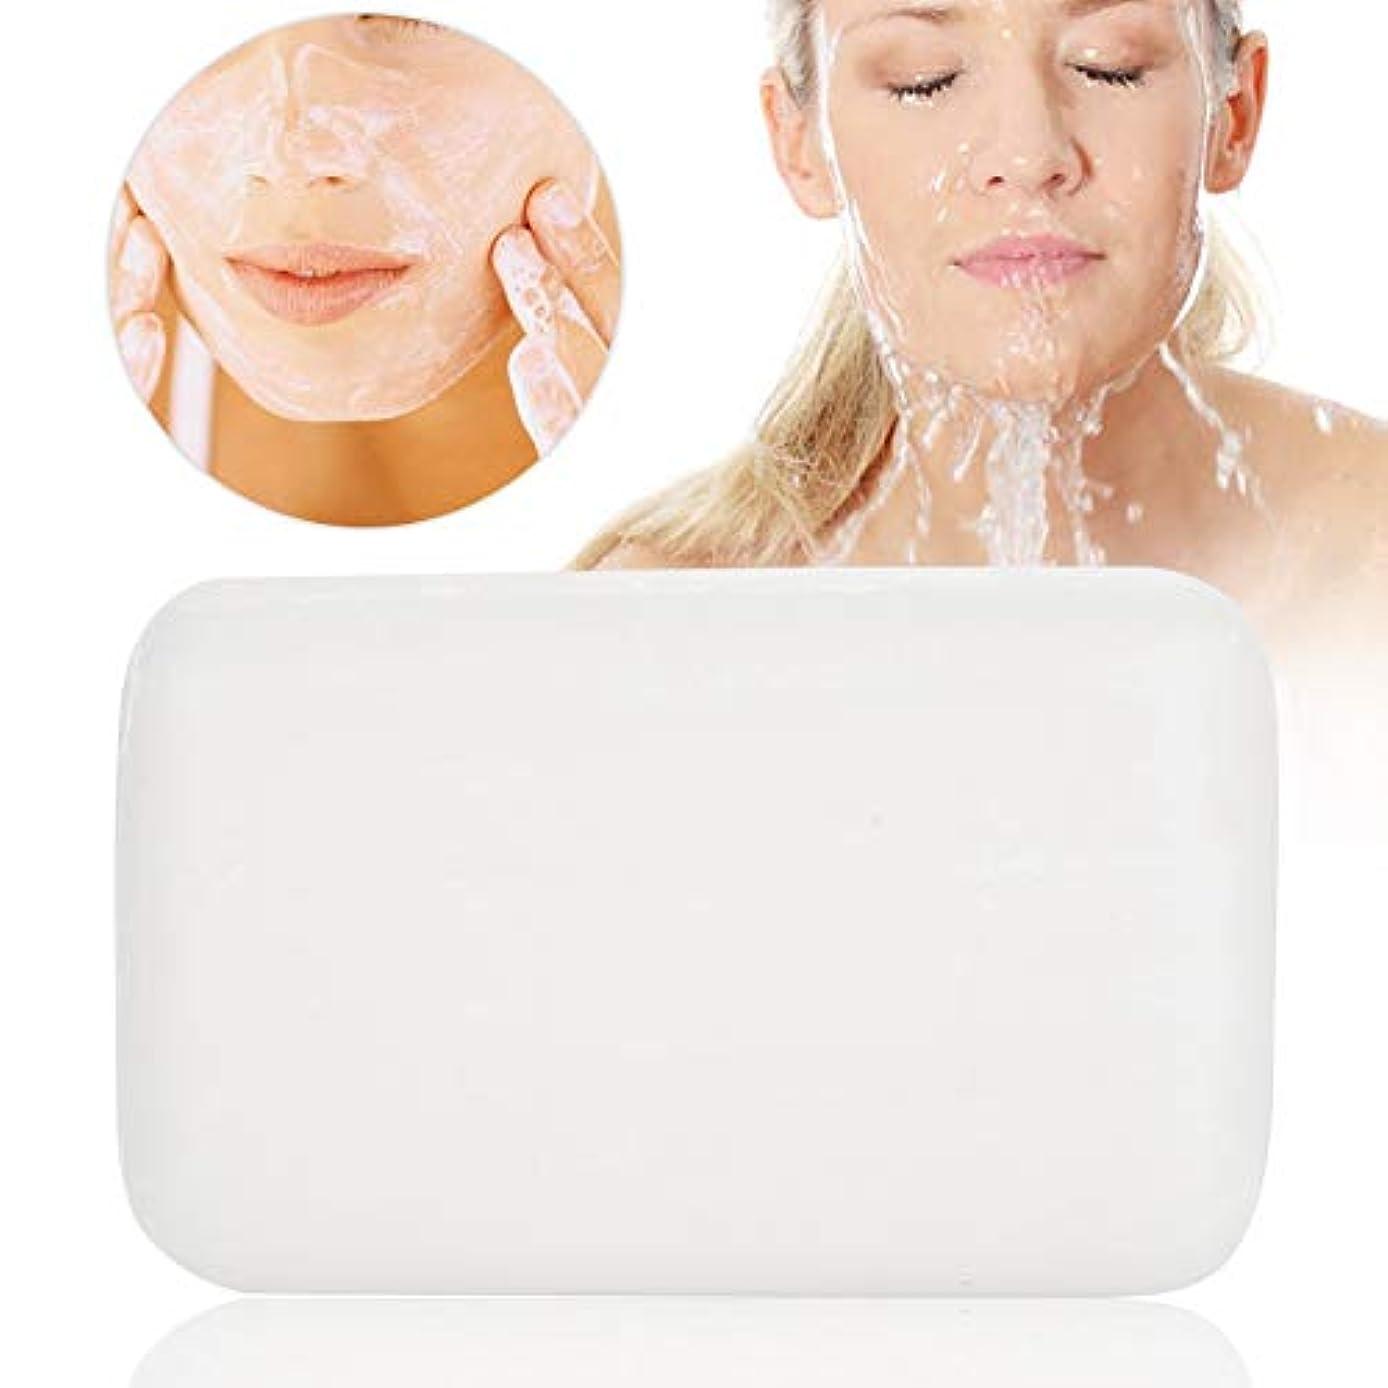 口実ご覧ください人質洗顔石鹸 石鹸 シミ取り! 洗顔石けん 無添加 低刺激性 化粧石鹸(洗顔?全身用) せっけん バスサイズ